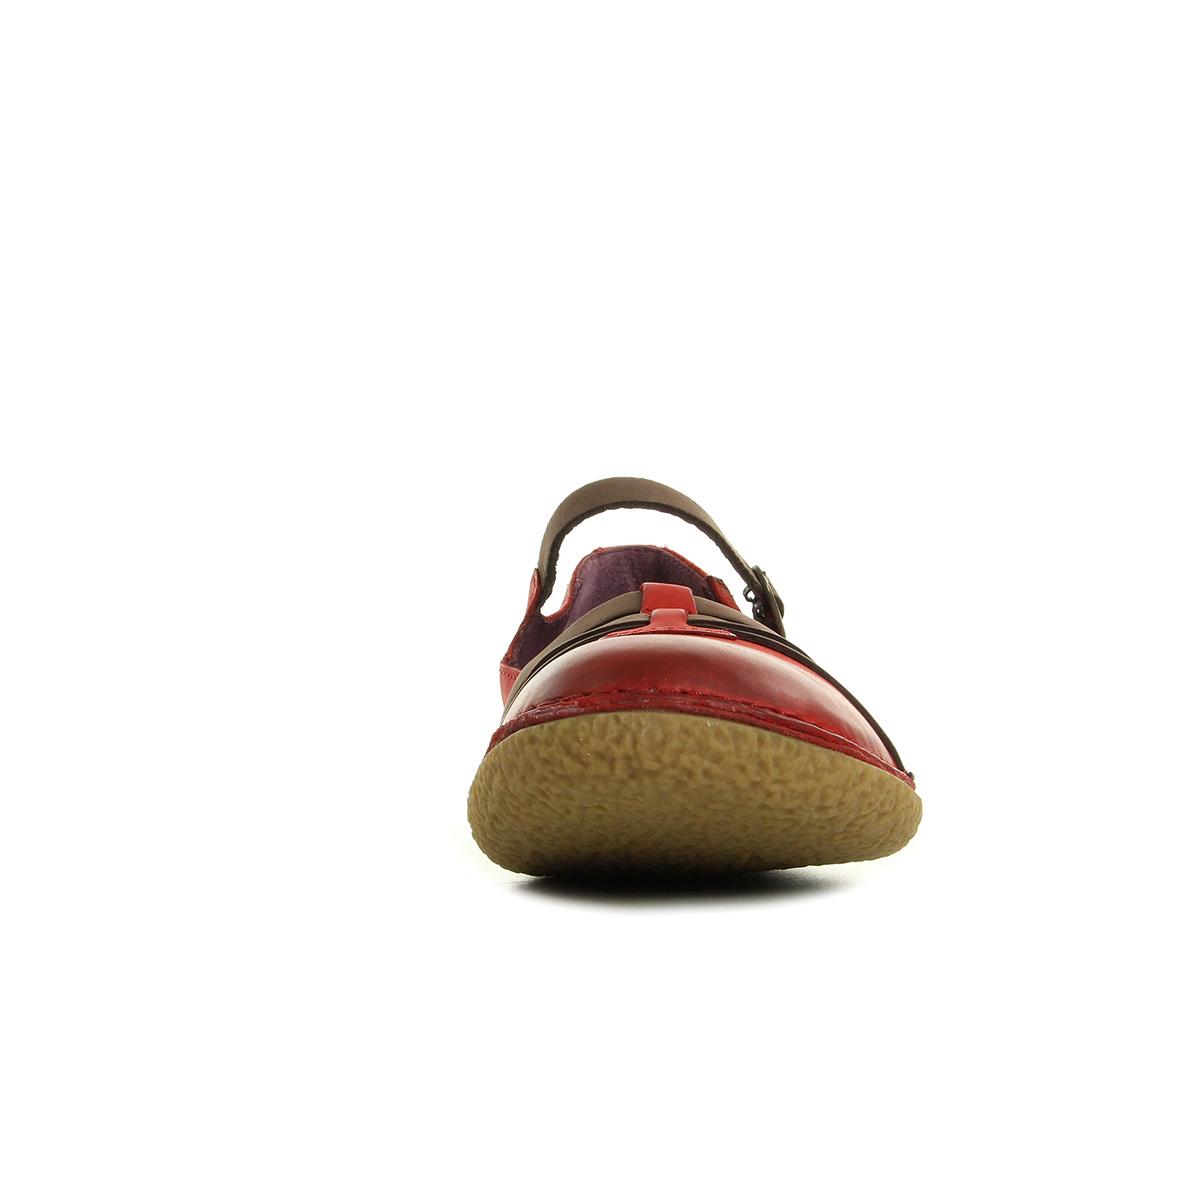 Kickers Hibou Rouge Marron 4702515043, Ville femme